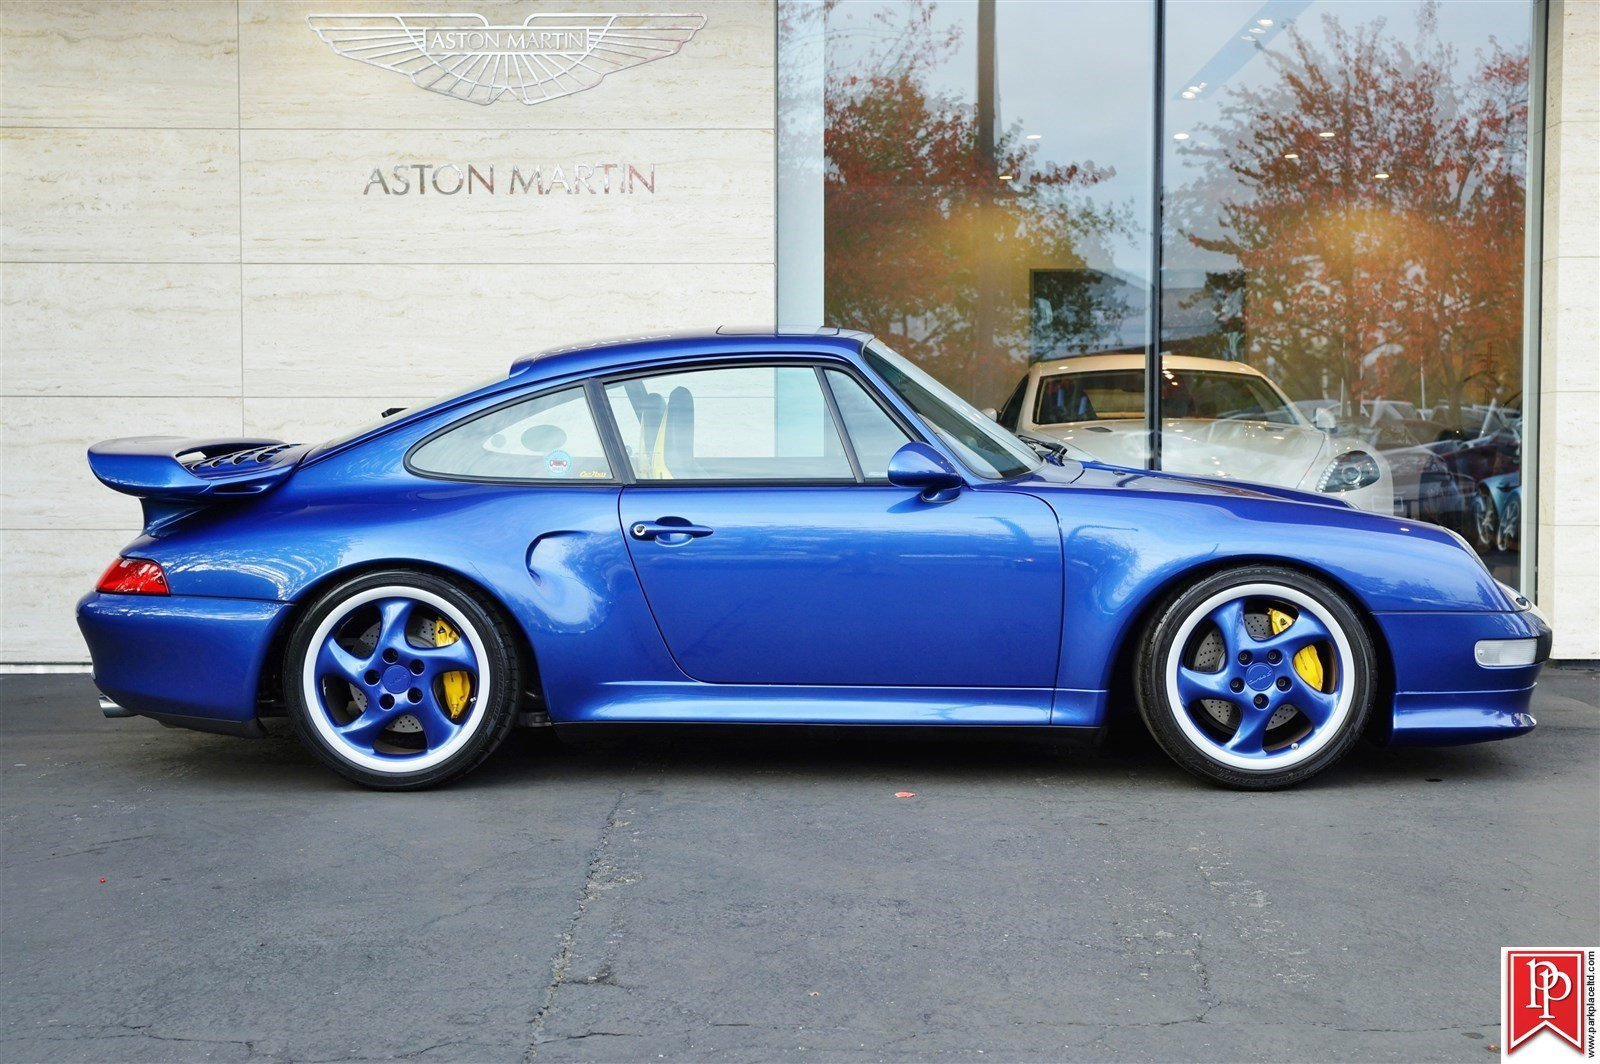 Cobalt Blue Porsche 993 Turbo S For Sale - Exotic Car List